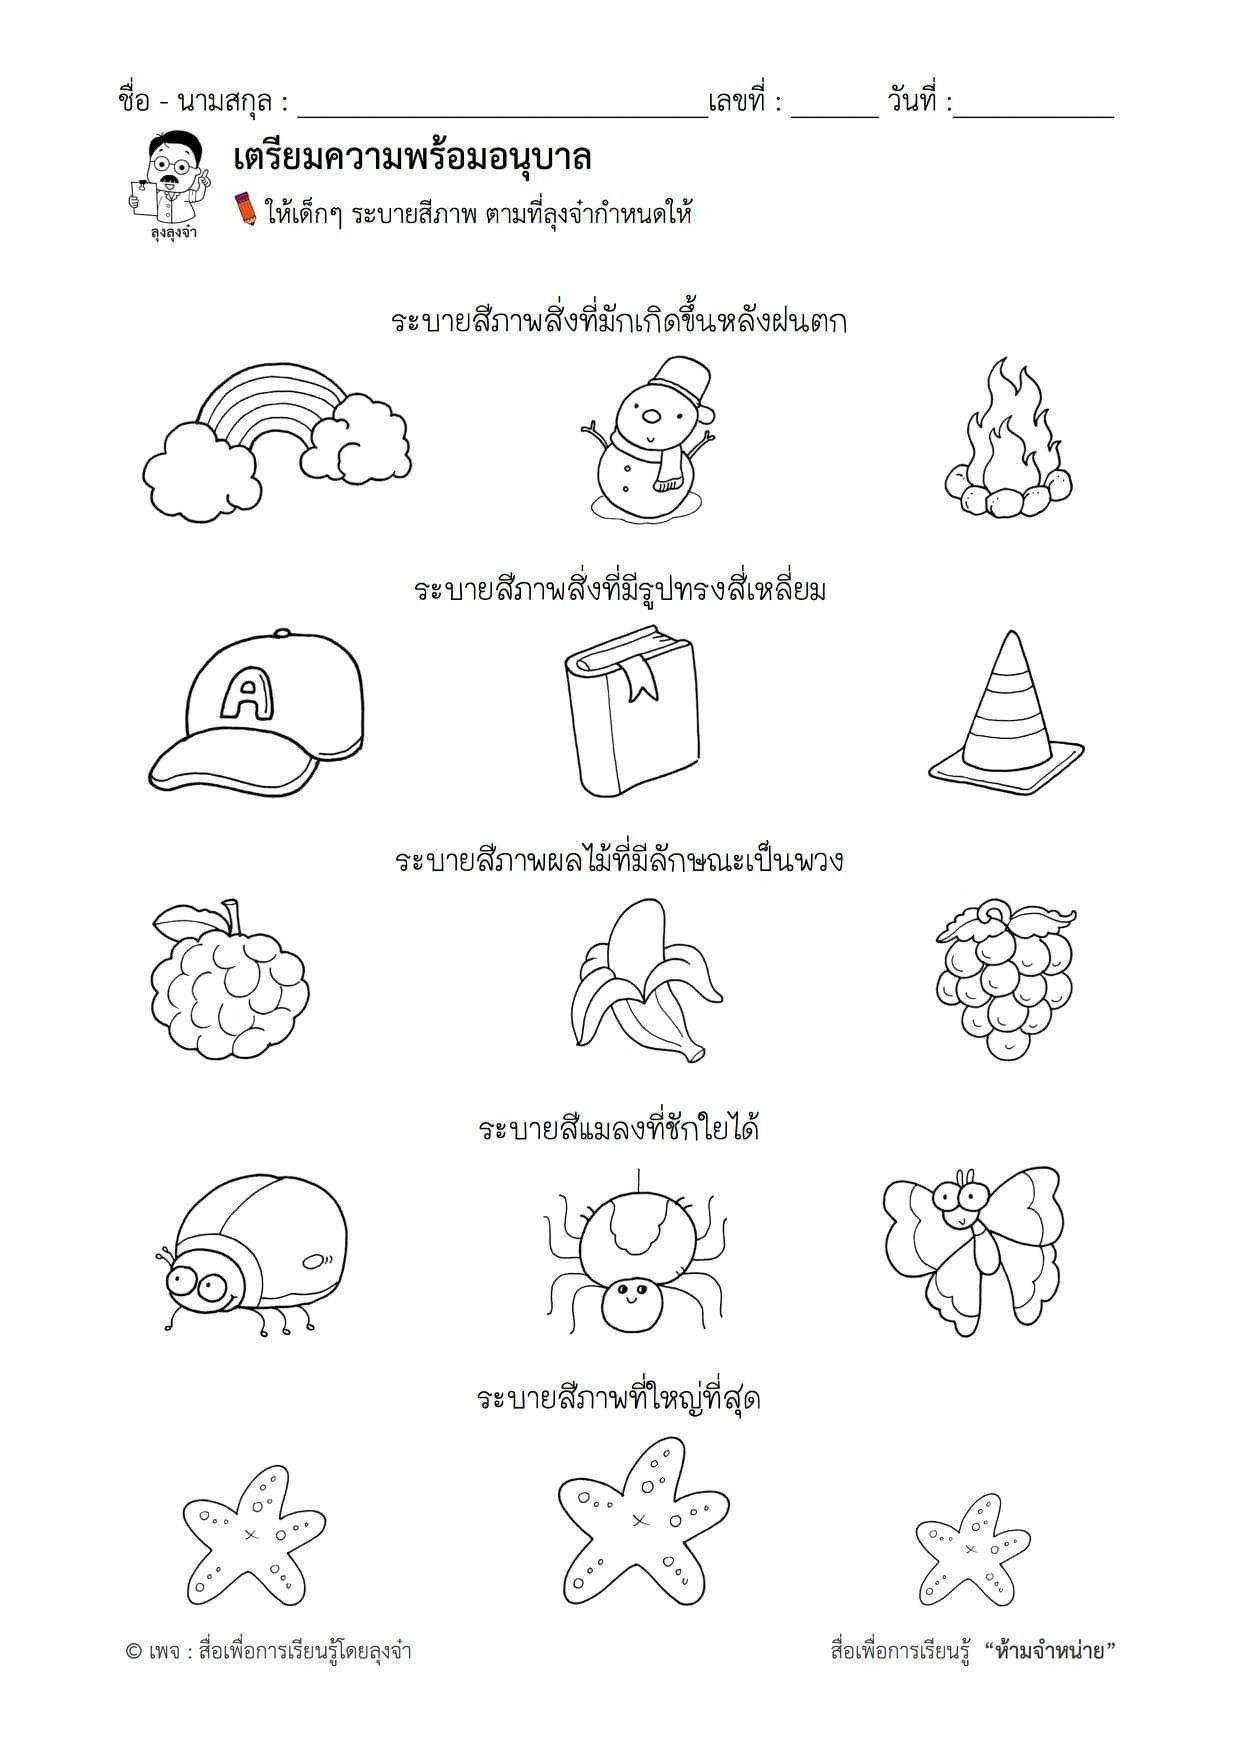 สน บสน นคนไทยให ร กการอ าน ดาวน โหลดการ ต น วาดภาพระบายส ห ดระบายส แบบฝ กลากเส นร ปท Tracing Worksheets Preschool Pre Writing Activities Printing Practice